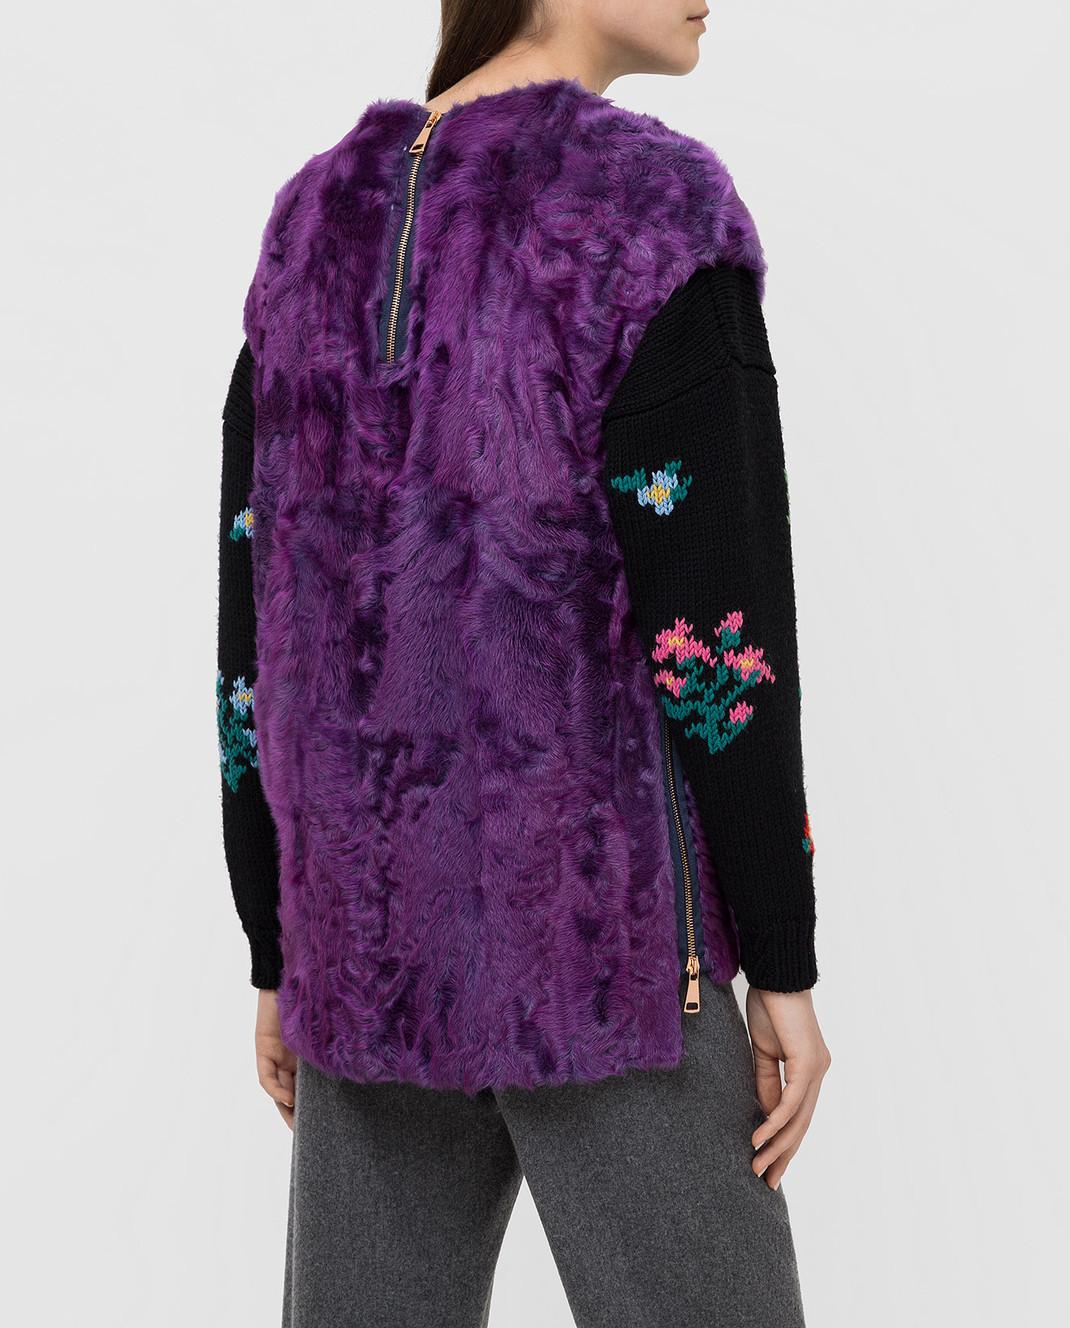 Rindi Фиолетовый меховой жилет 018AG0J4 изображение 4